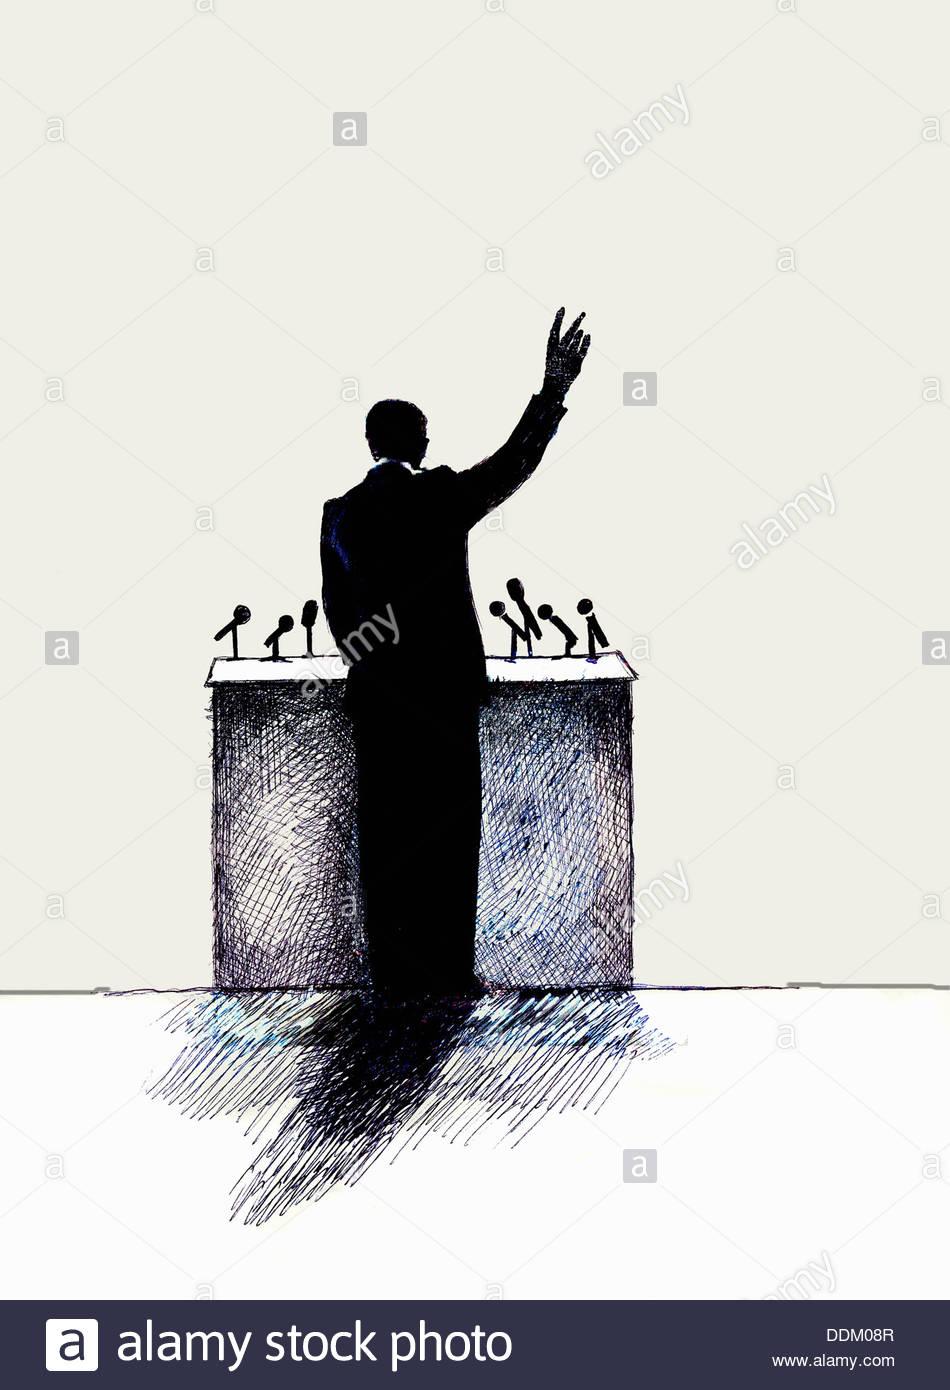 Vista trasera del hombre hablando en público en el podio Imagen De Stock